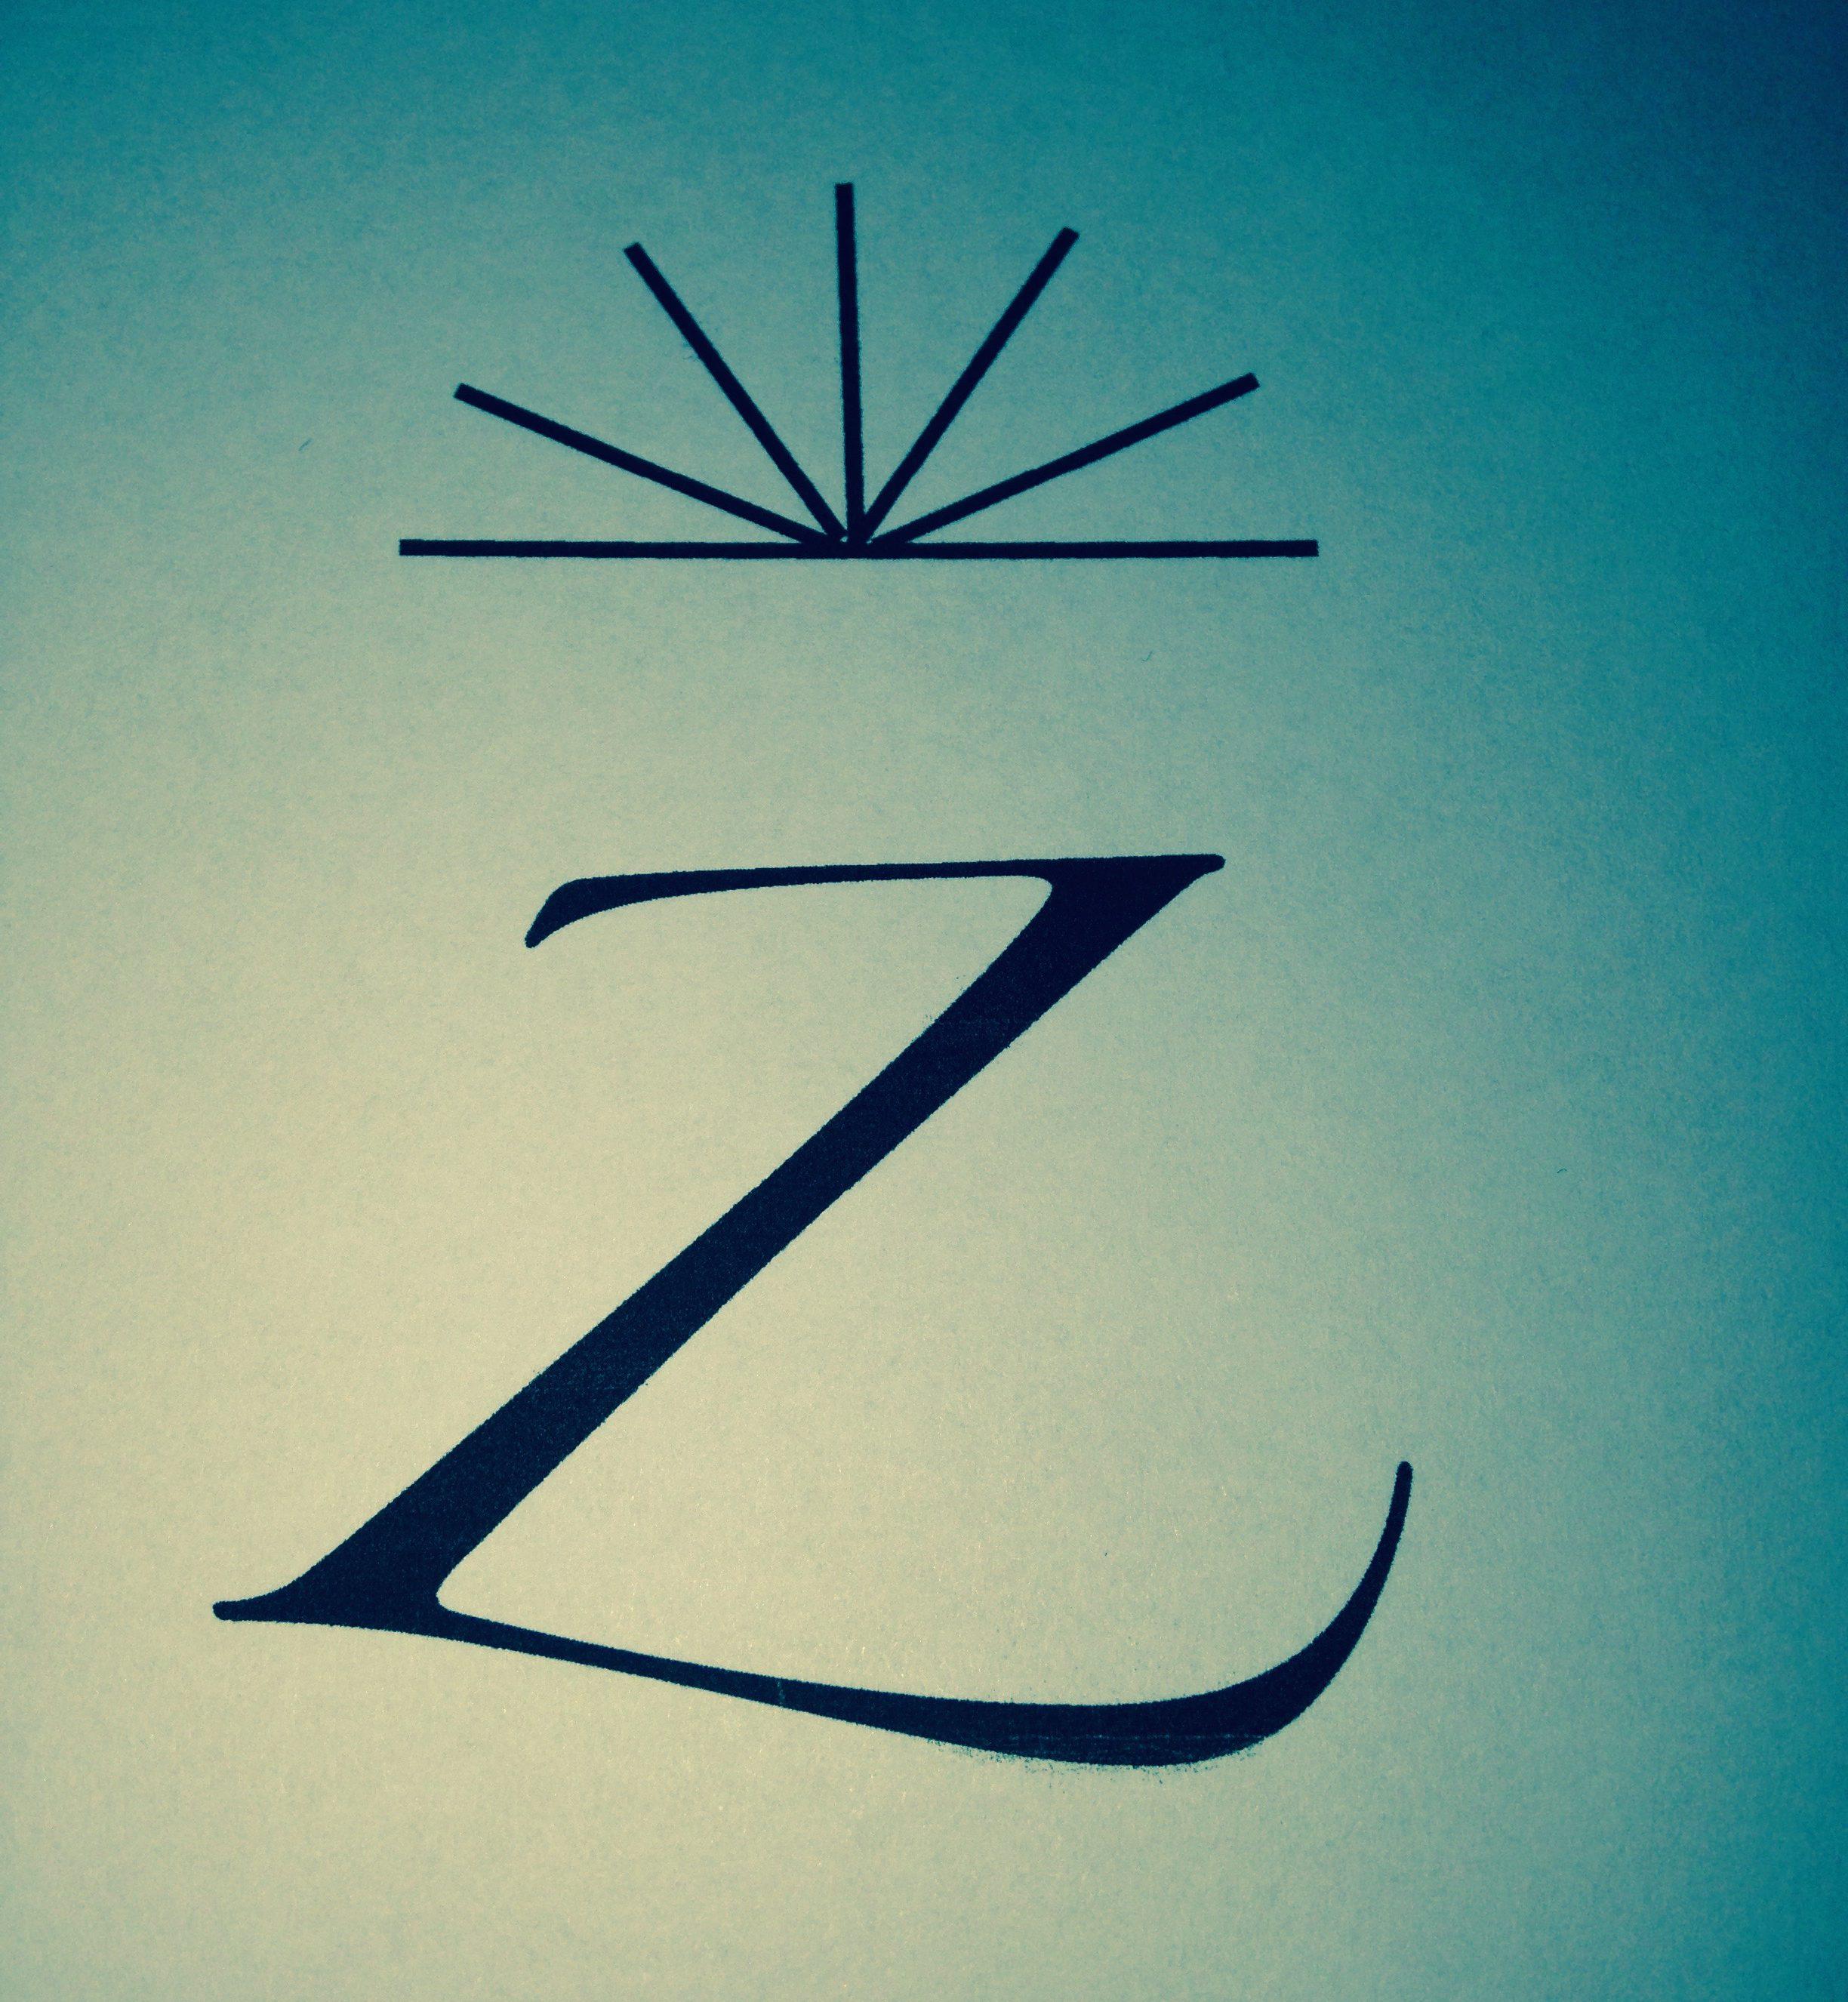 Zupanc Produktioner